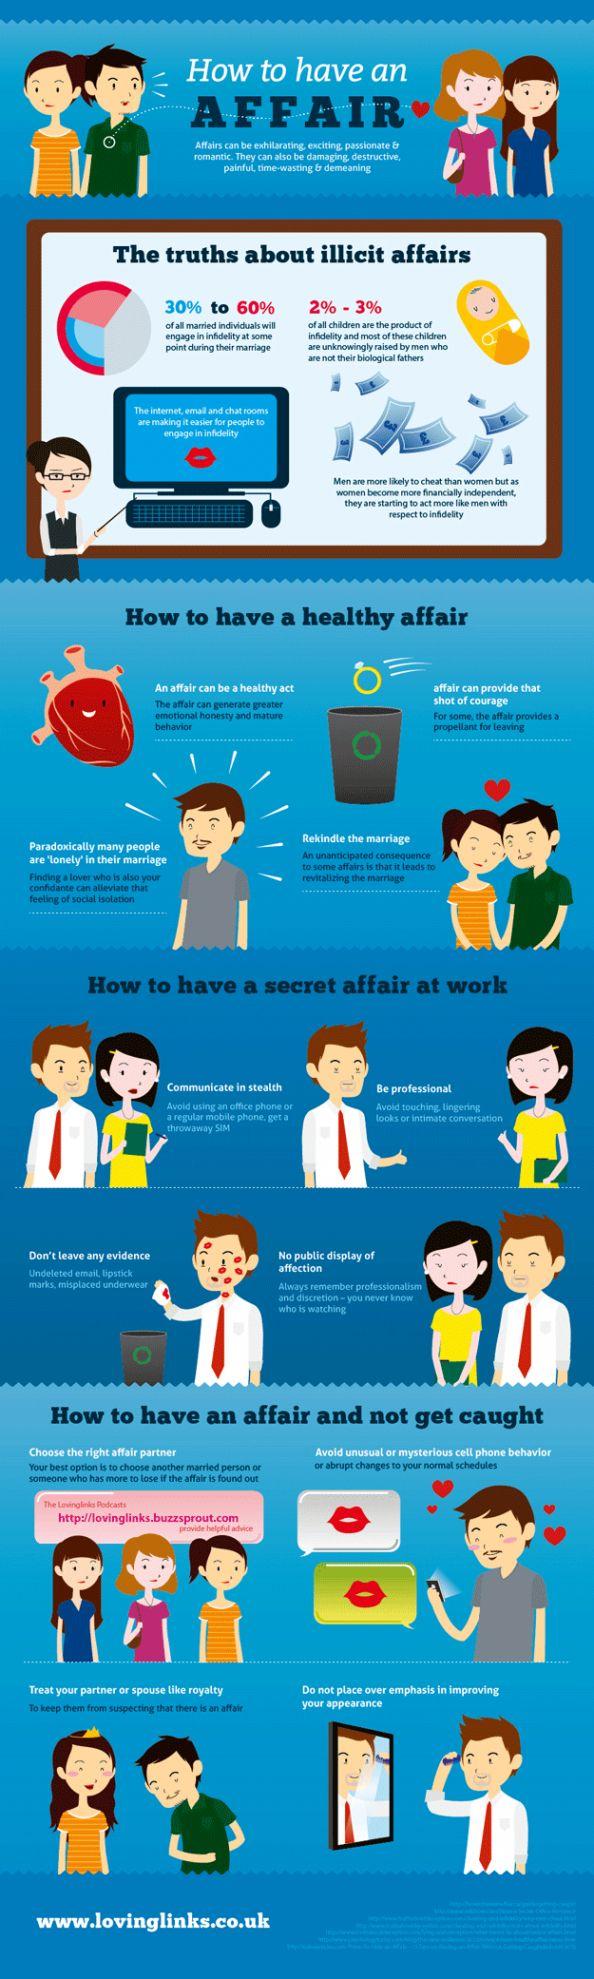 How To Have A Secret Affair